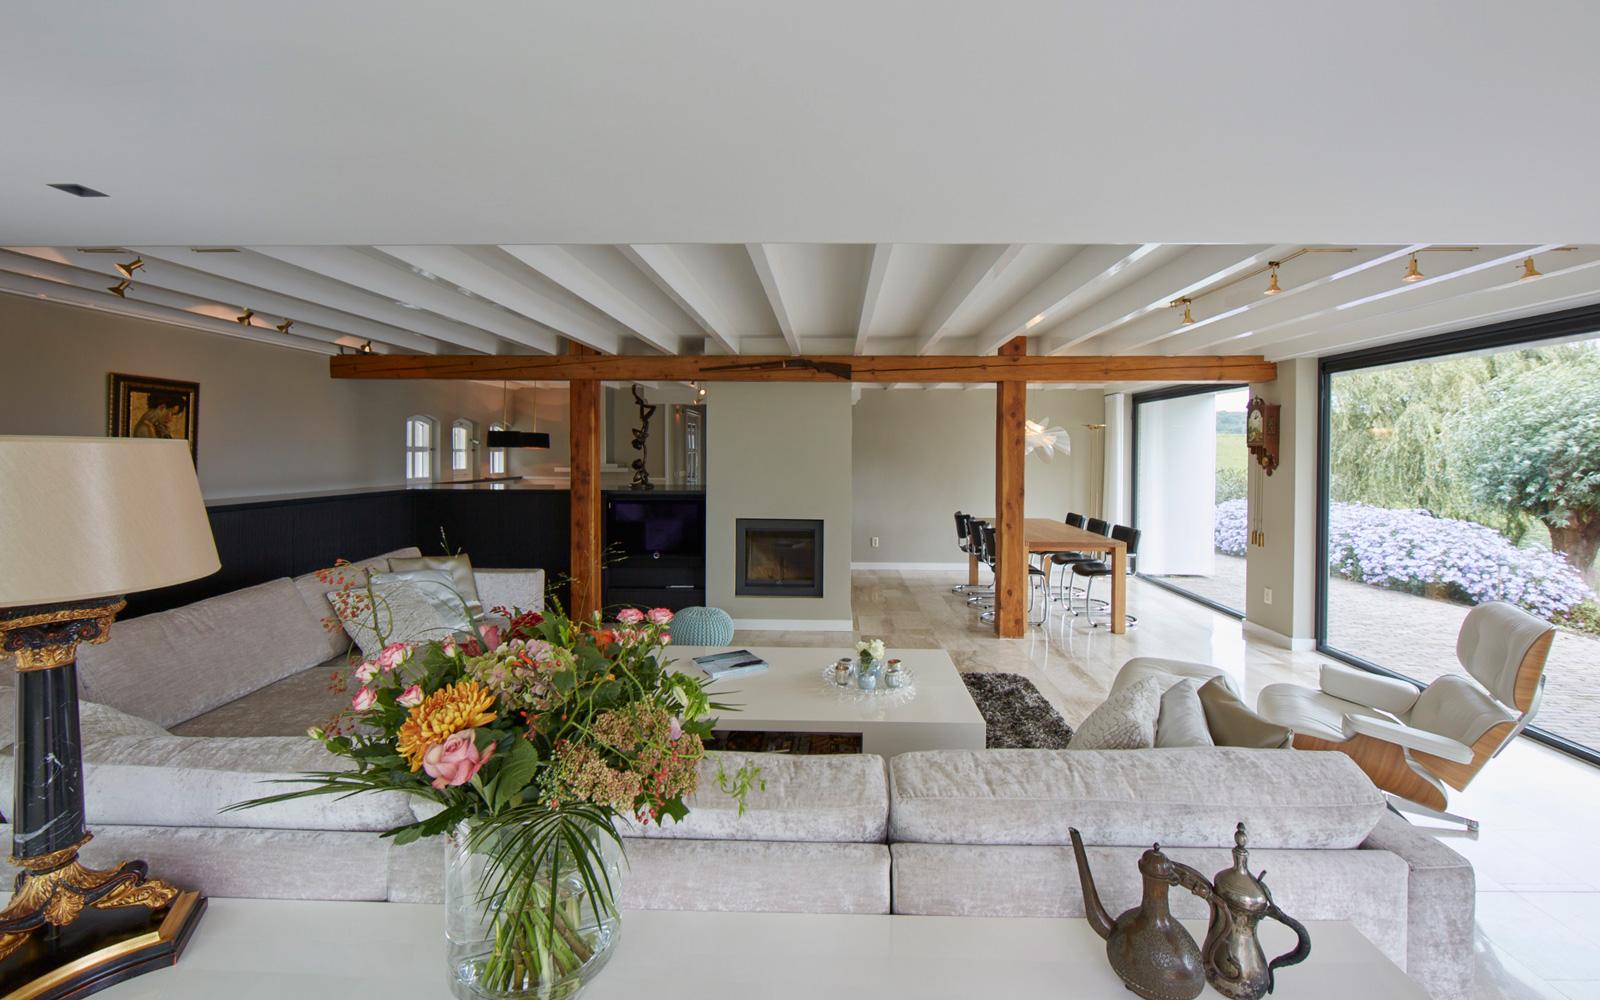 Exclusief wonen, The art of living, Henk Langen | Beeld & Geluid, Villa, Exclusieve stoel, Grote ramen, Televisie